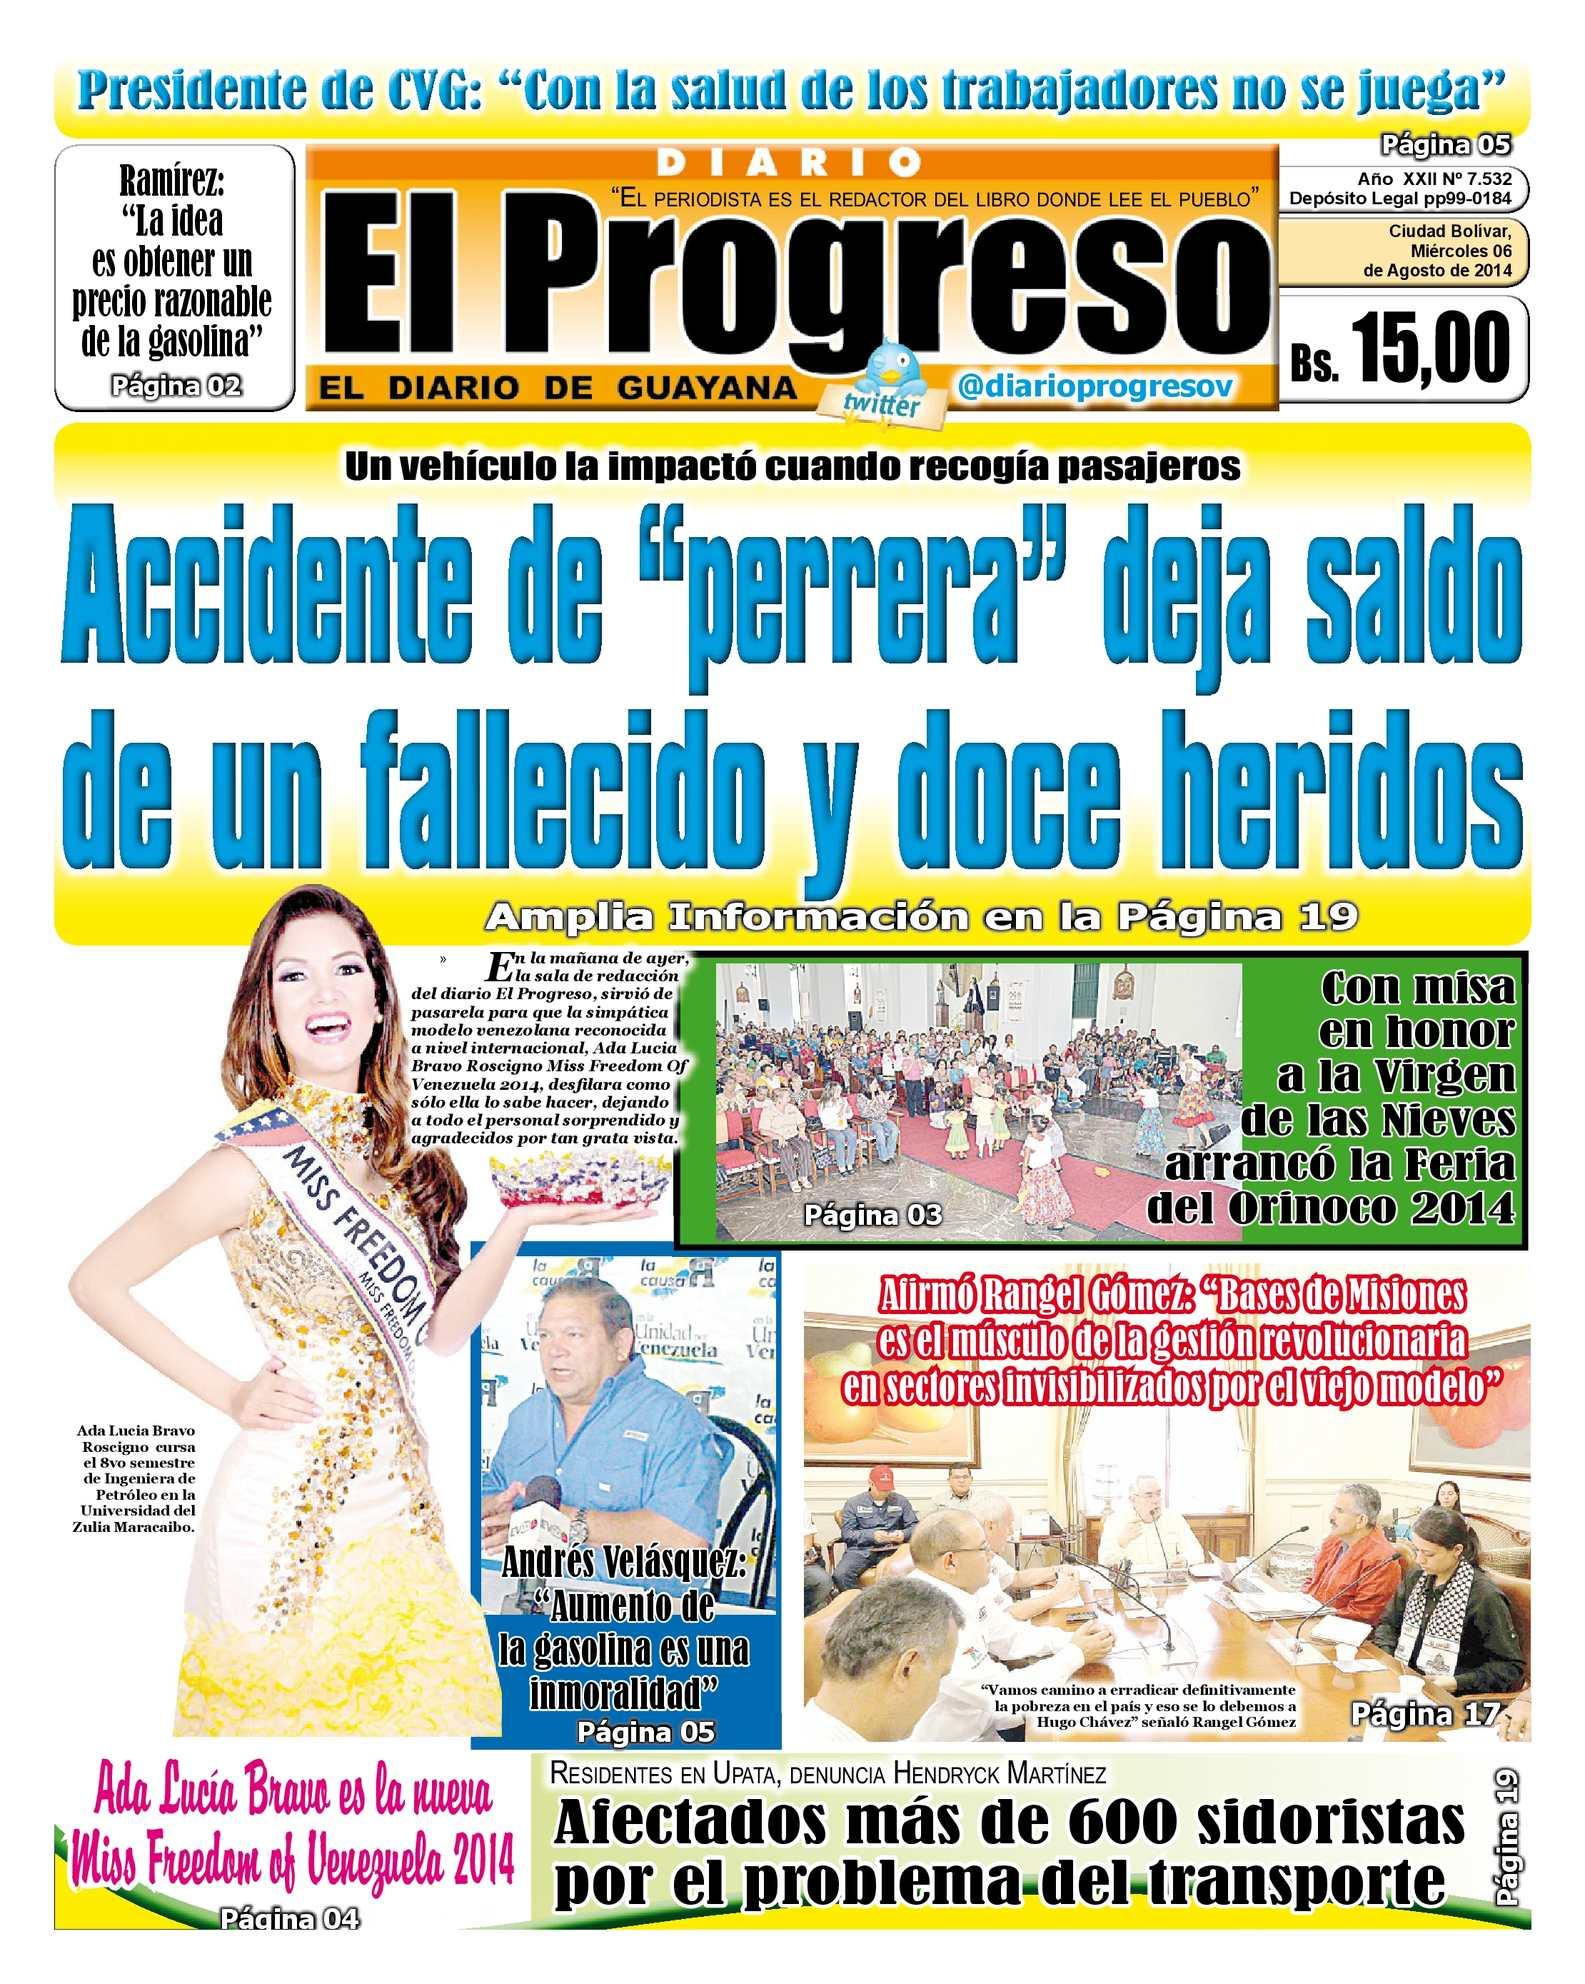 Calaméo - DIARIO EL PROGRESO EDICIÓN DIGITAL 06-08-2014 fbbe66d8187e